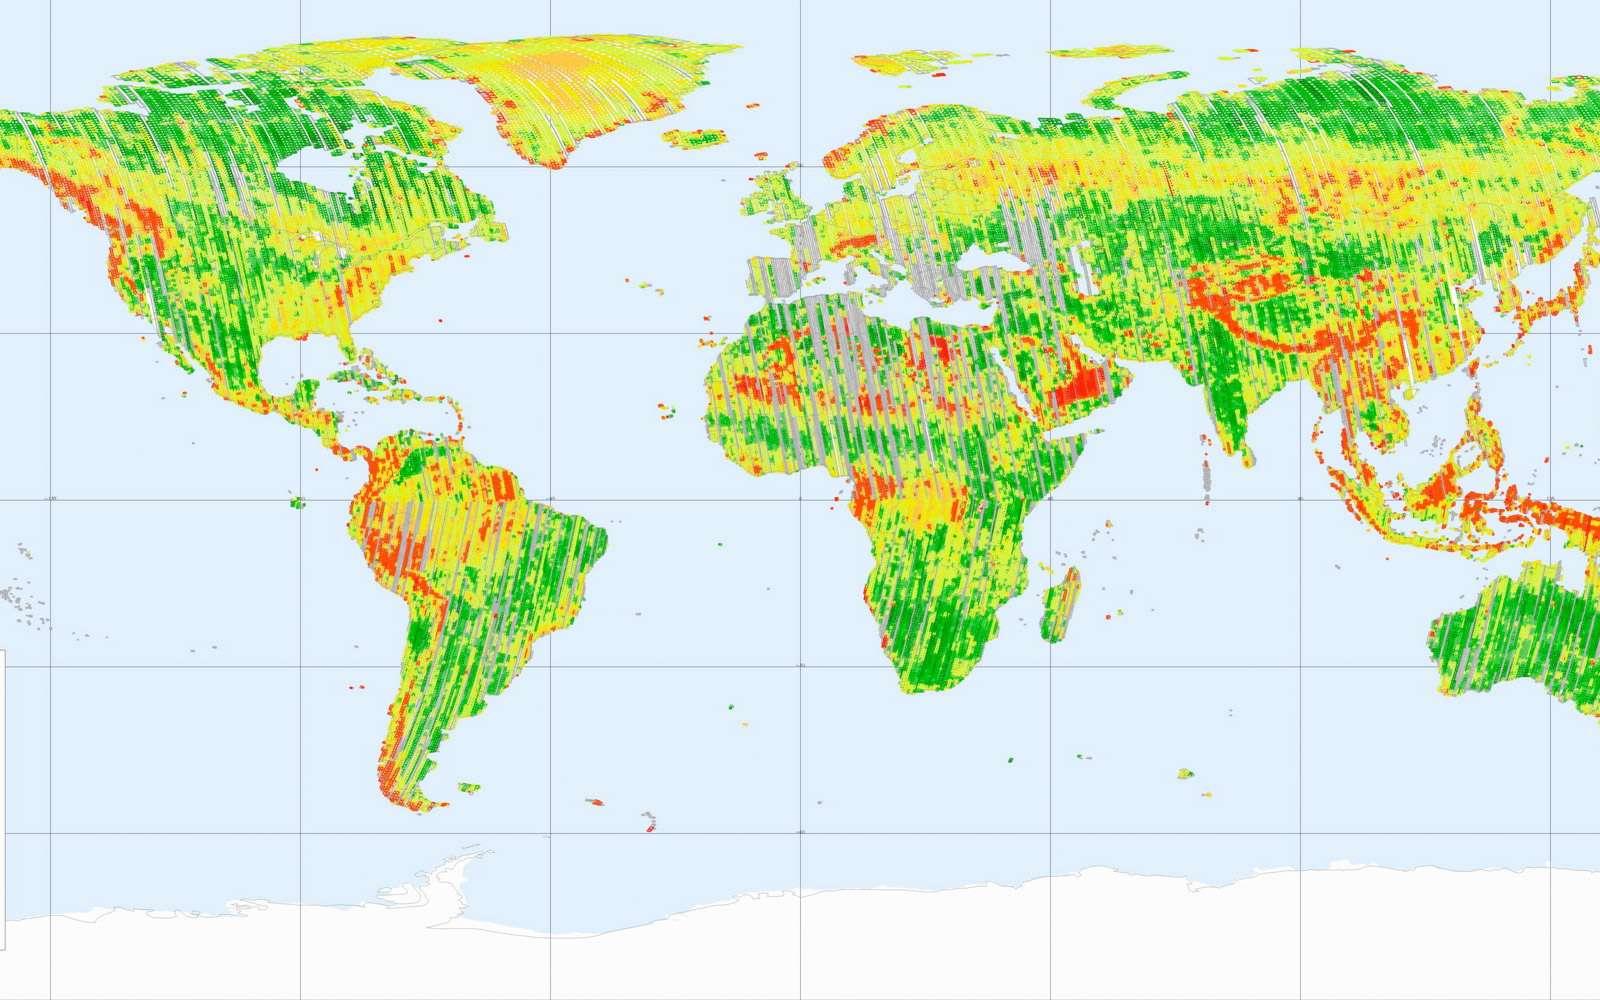 D'ici 2014, les satellites Tandem-X et TerraSAR-X auront cartographié la totalité des terres émergées en 3 dimensions, démontrant une nouvelle fois tout l'intérêt d'utiliser l'espace comme promontoire unique pour observer la Terre. © DLR